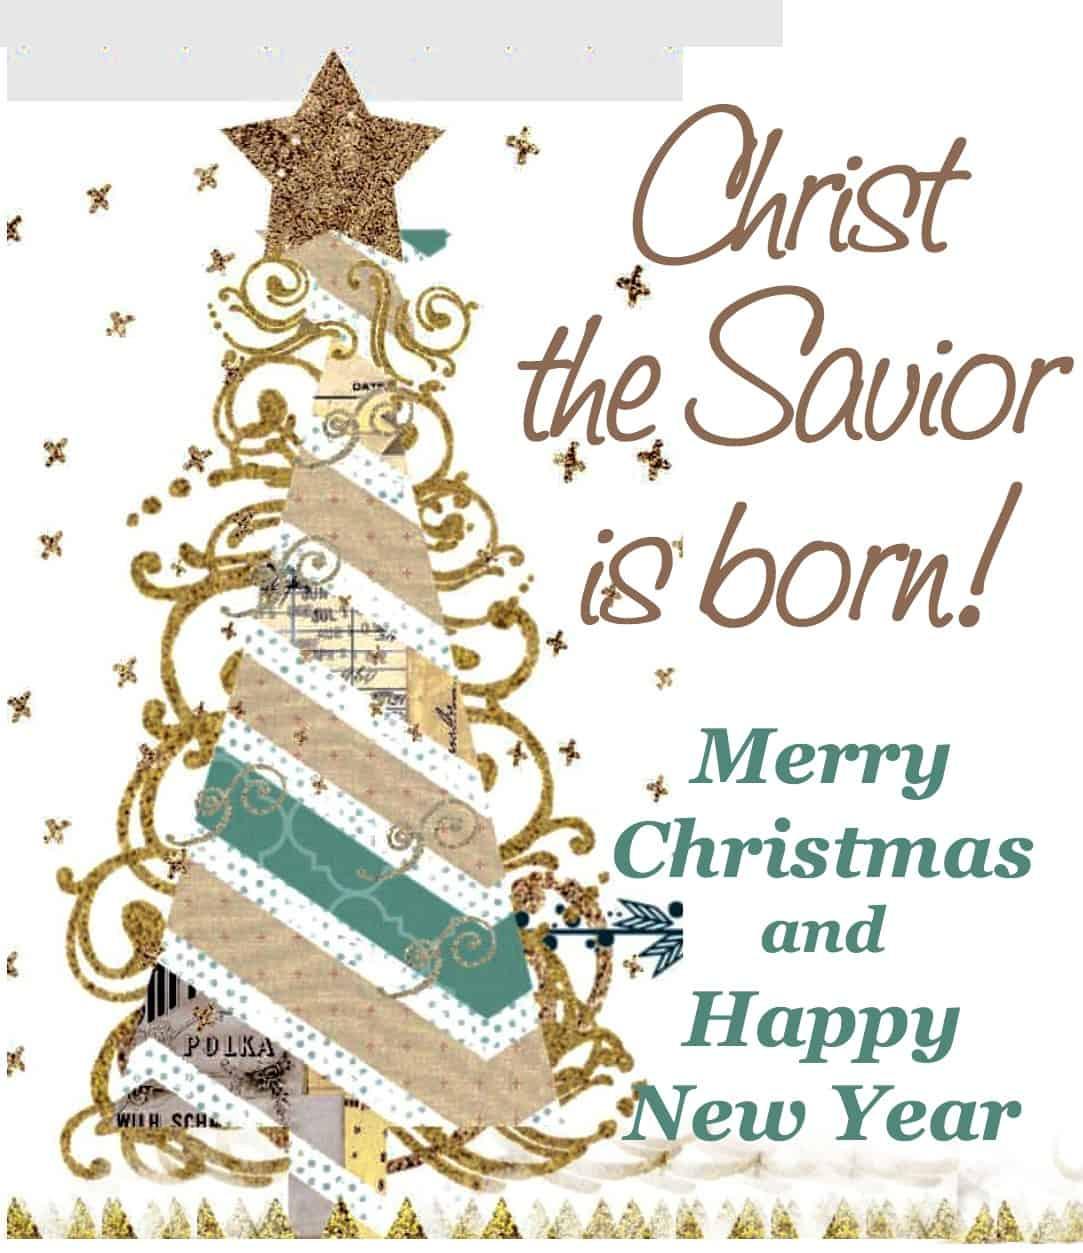 Merry Christmas Christian.Christ The Savior Is Born Merry Christmas Counting My